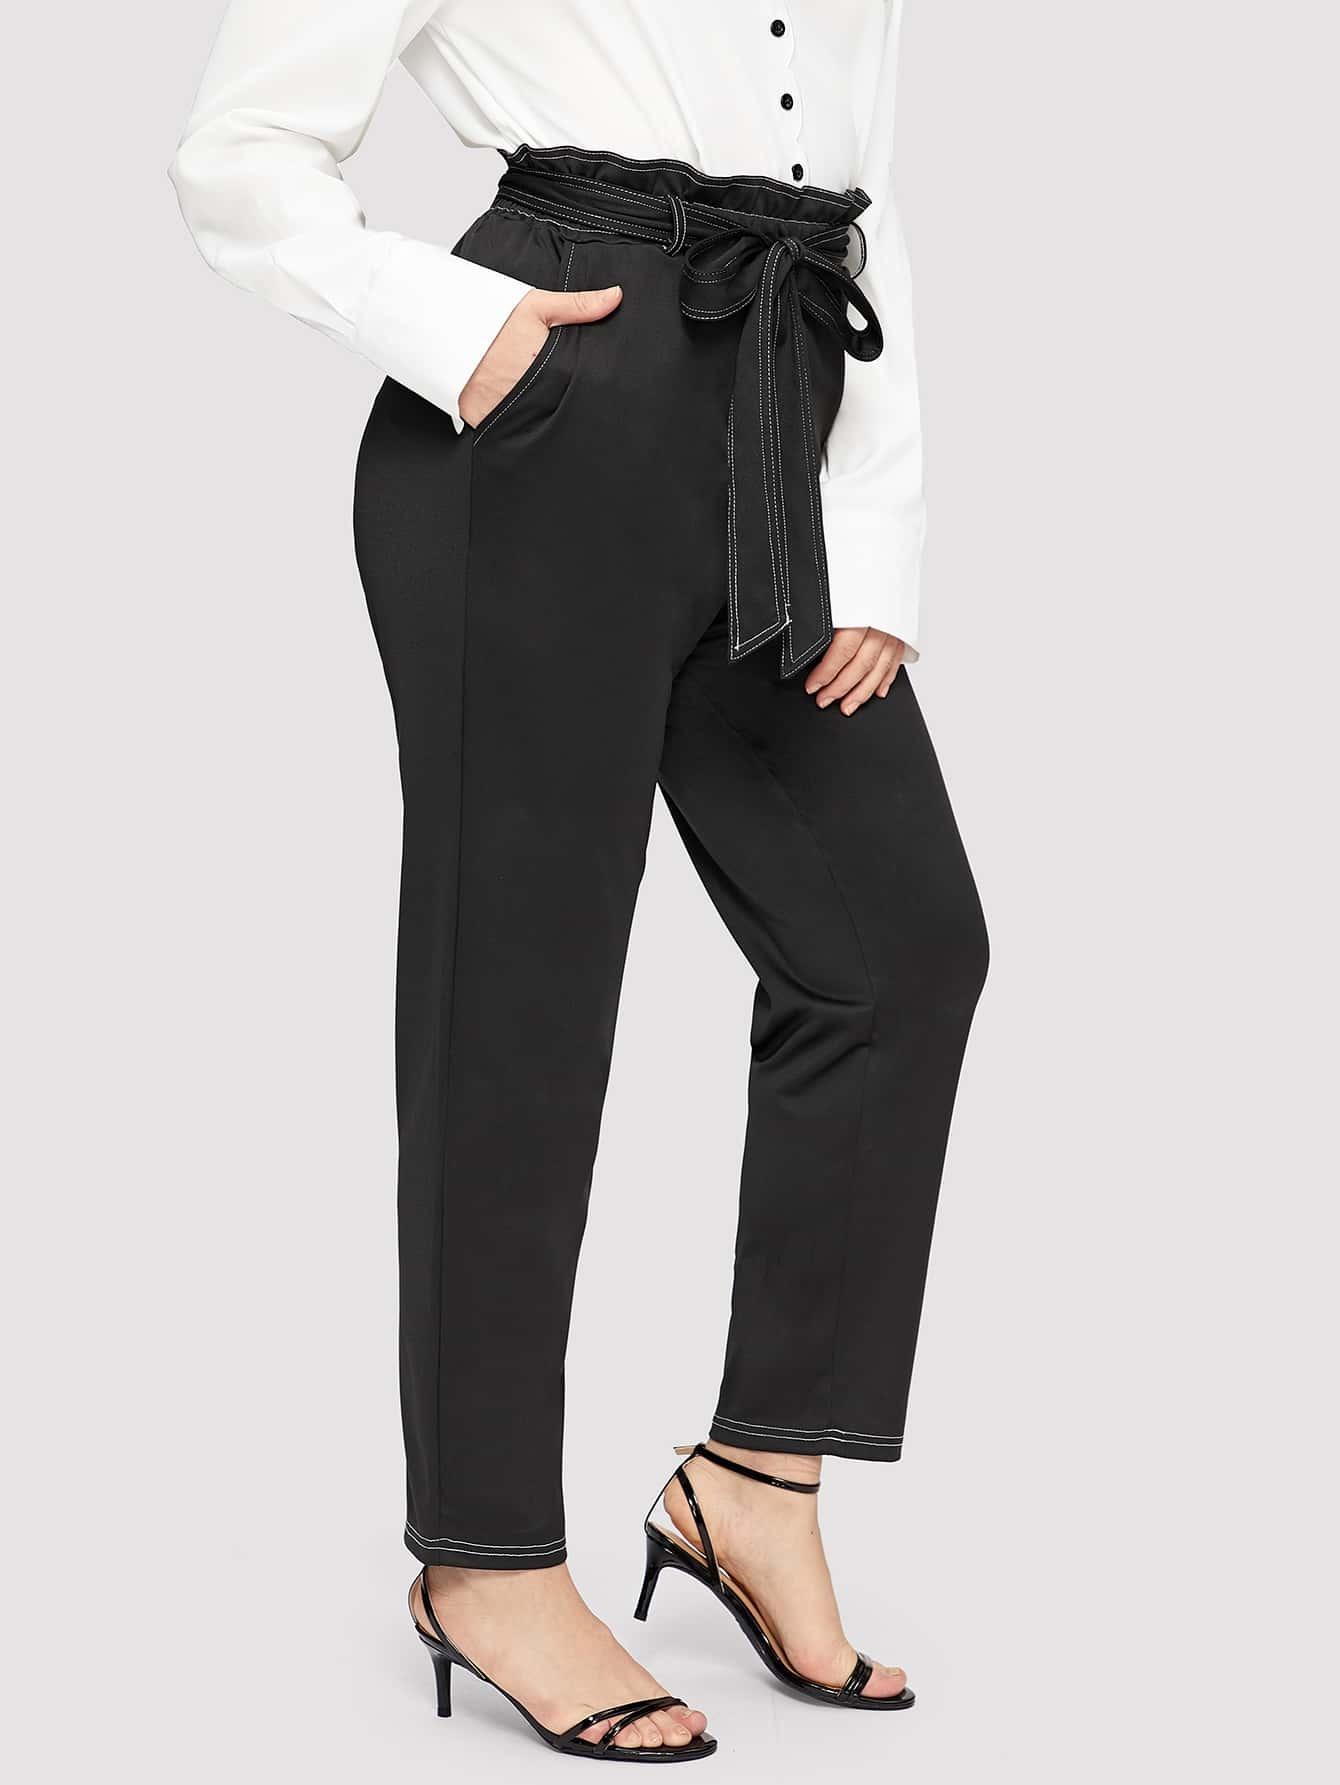 Размер плюс контрастные брюки, Isabela, SheIn  - купить со скидкой